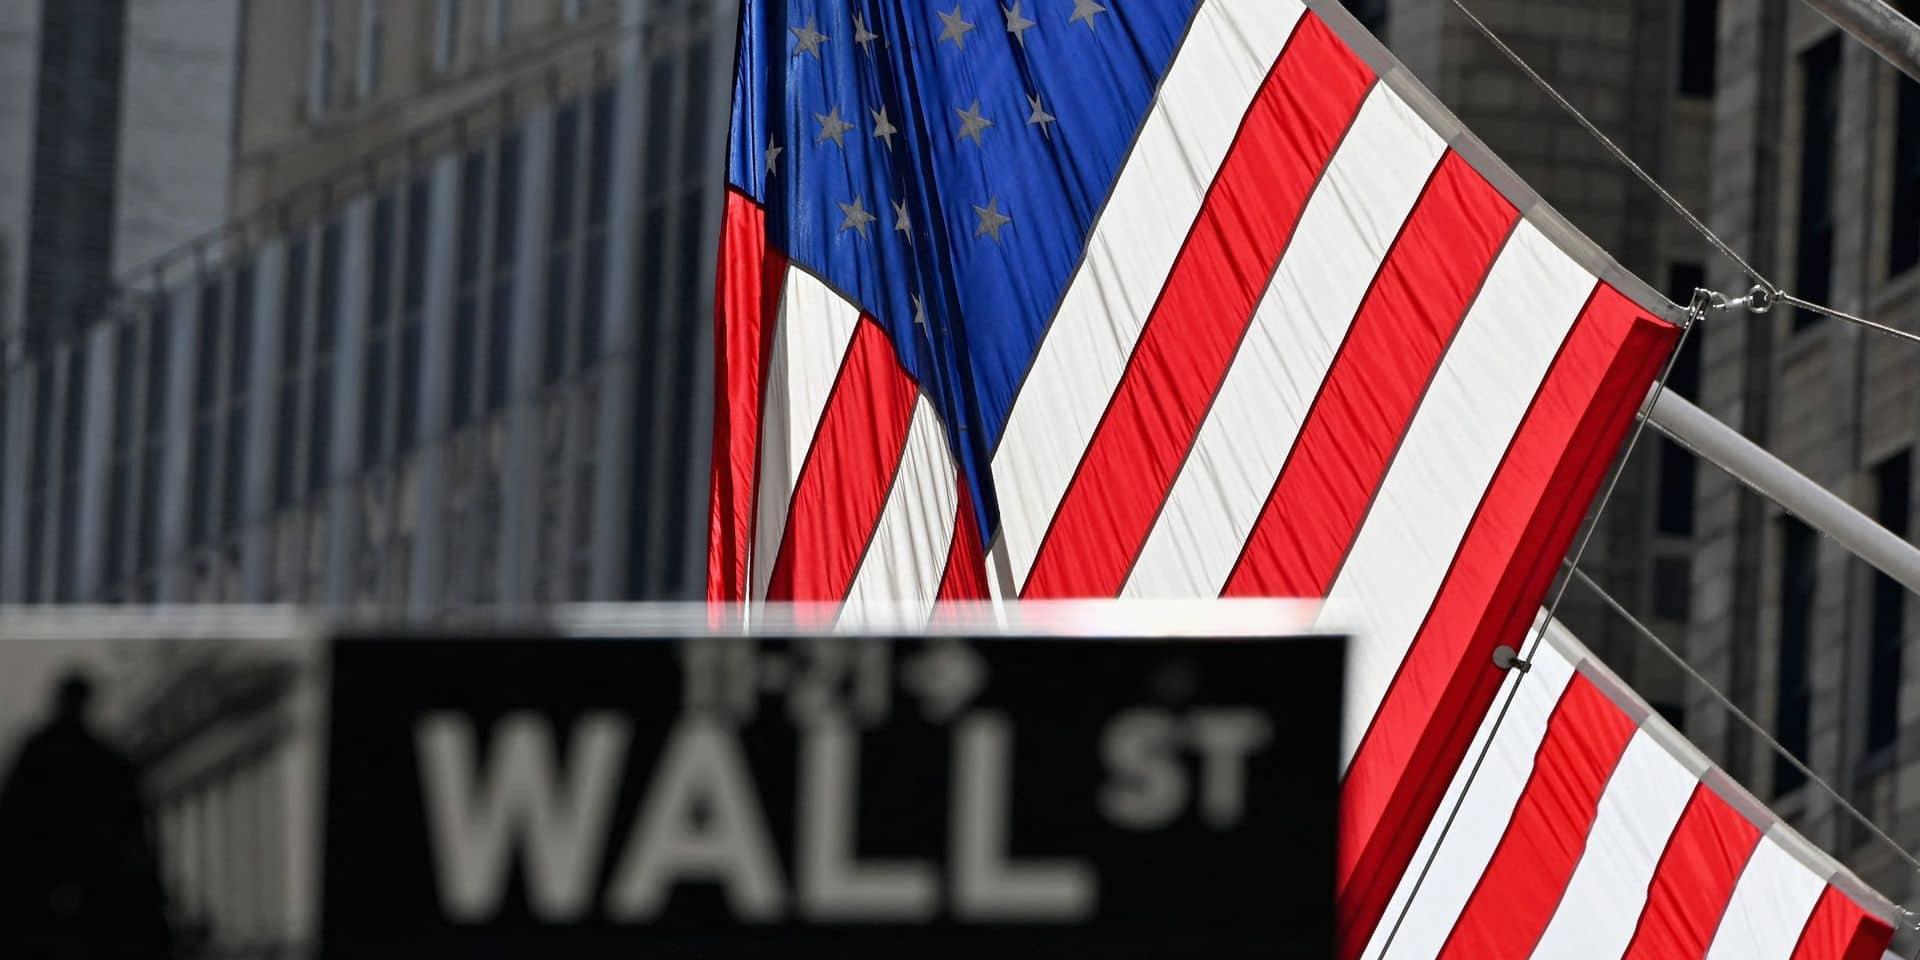 La Bourse de New York repart à la hausse après trois jours de déconvenue